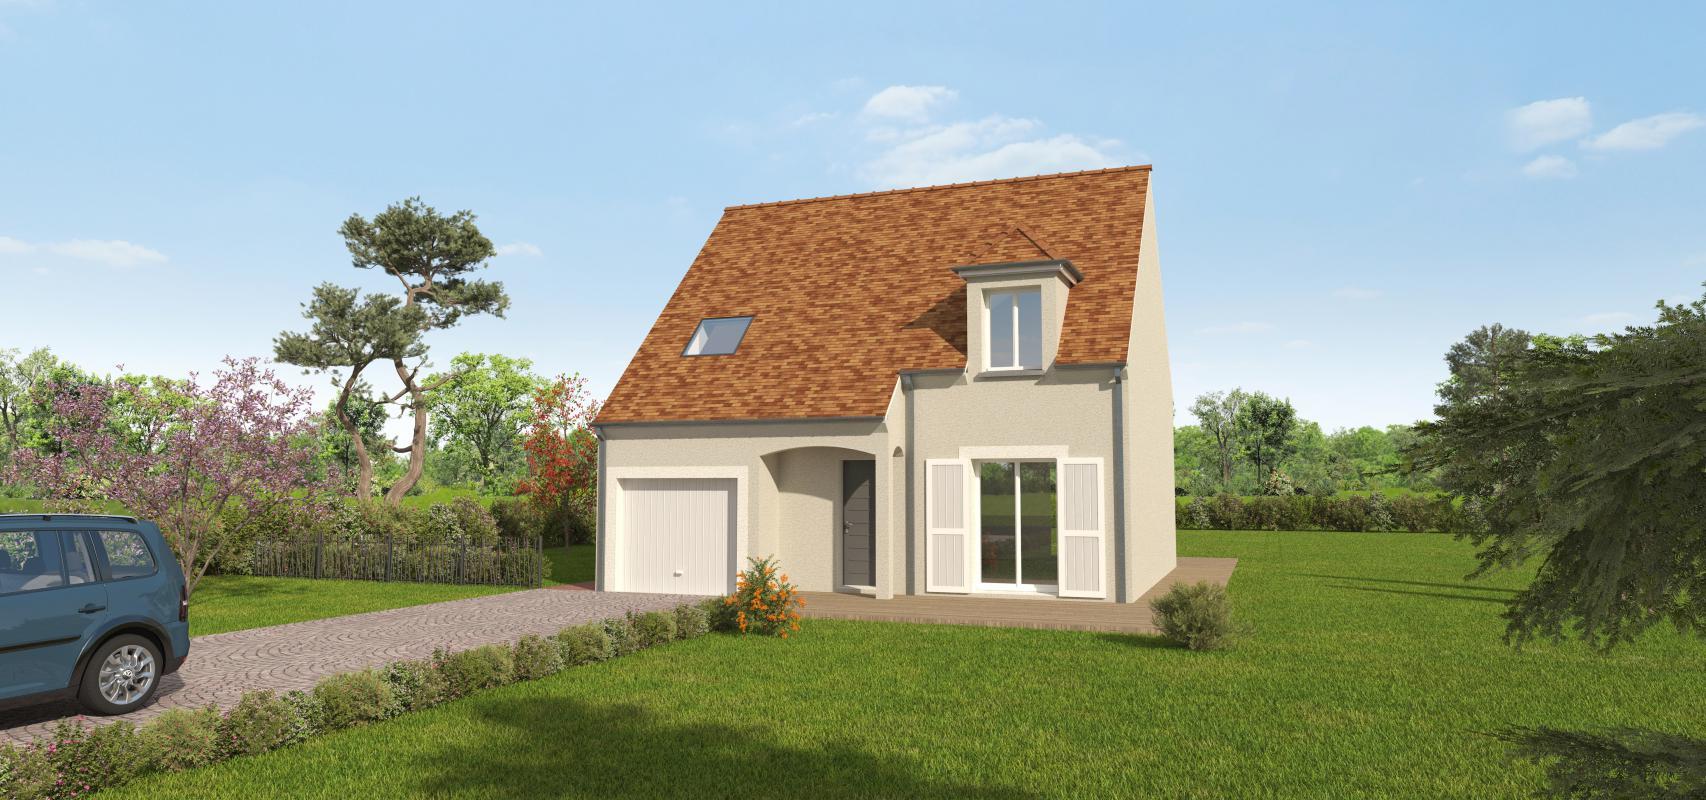 Terrains du constructeur GROUPE DIOGO FERNANDES • 537 m² • SAINT AUBIN DES BOIS